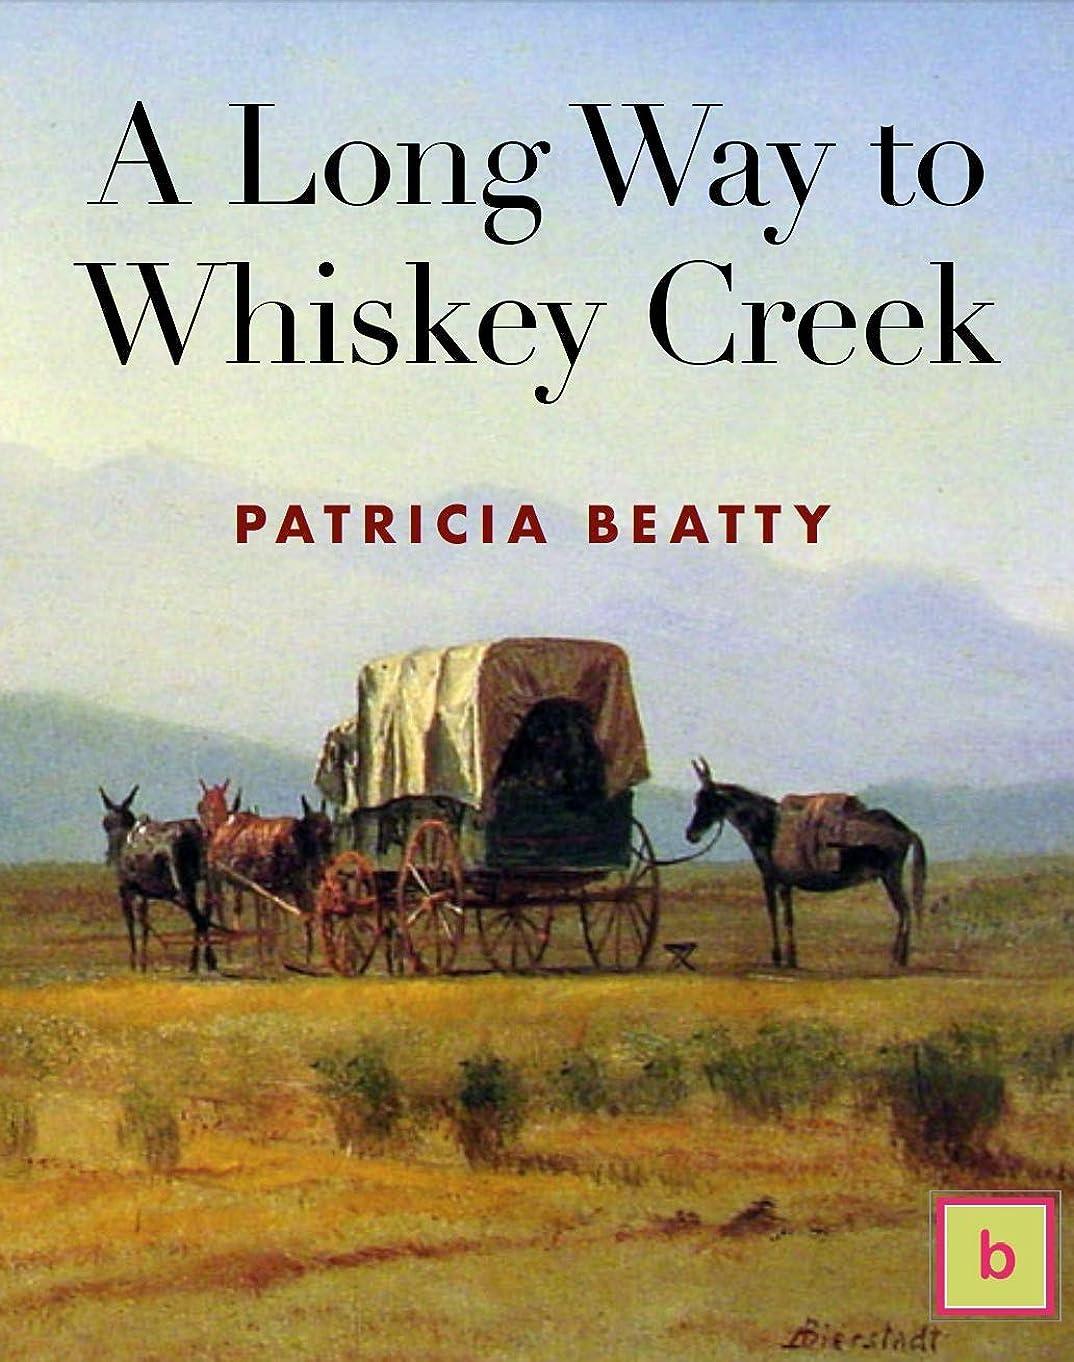 テレビを見る抵抗に同意するA Long Way to Whiskey Creek: Historical Fiction for Teens (English Edition)